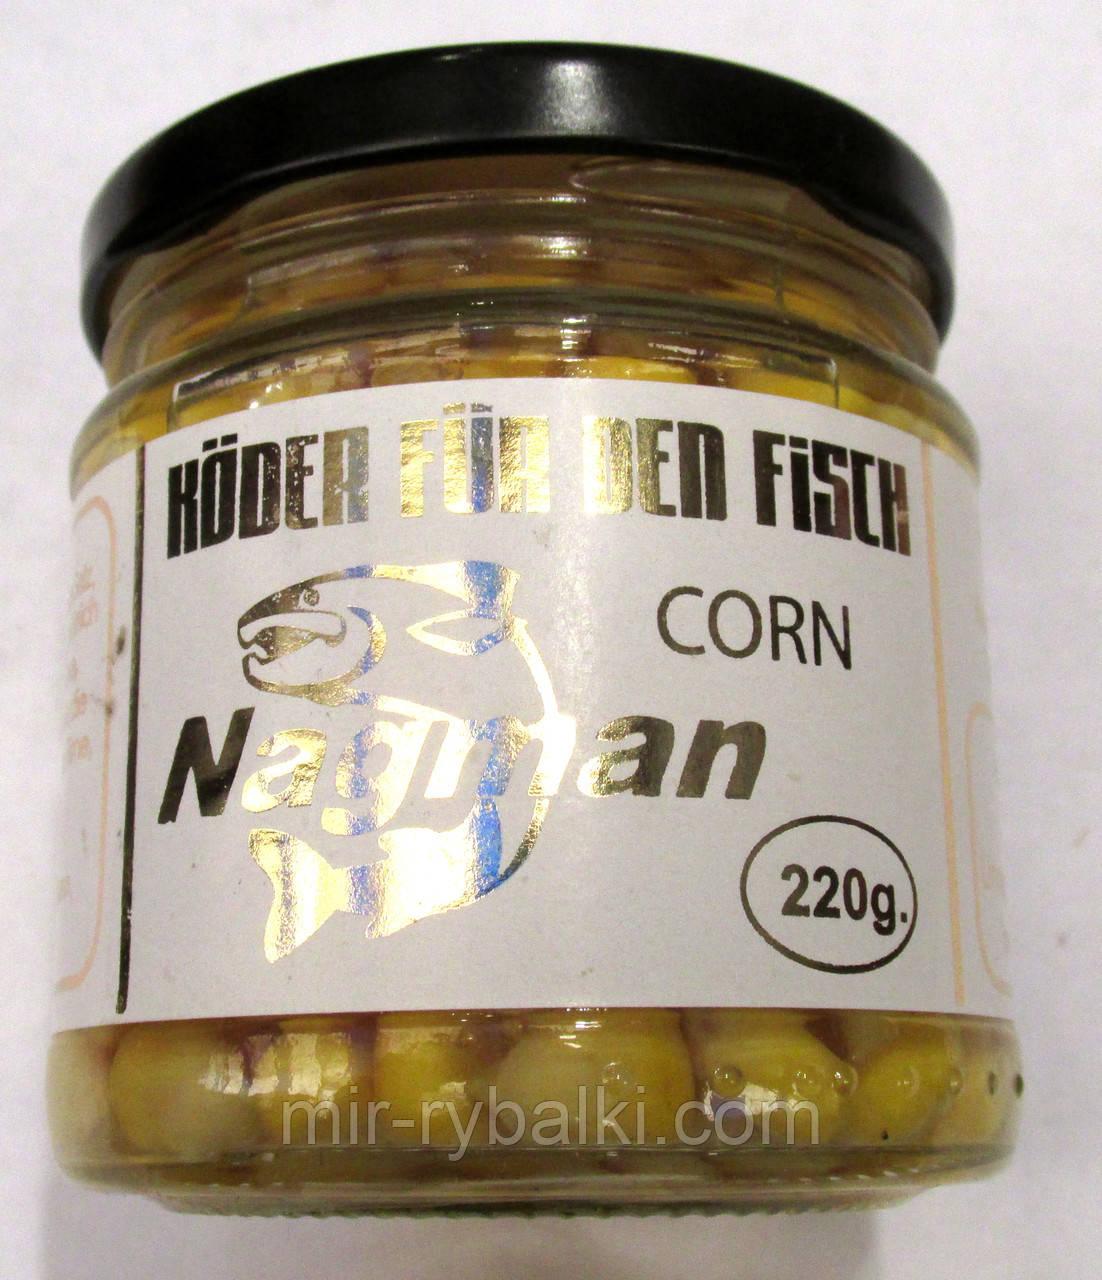 Купить Кукуруза рыболовная Nagman (Германия) в Харькове от ...